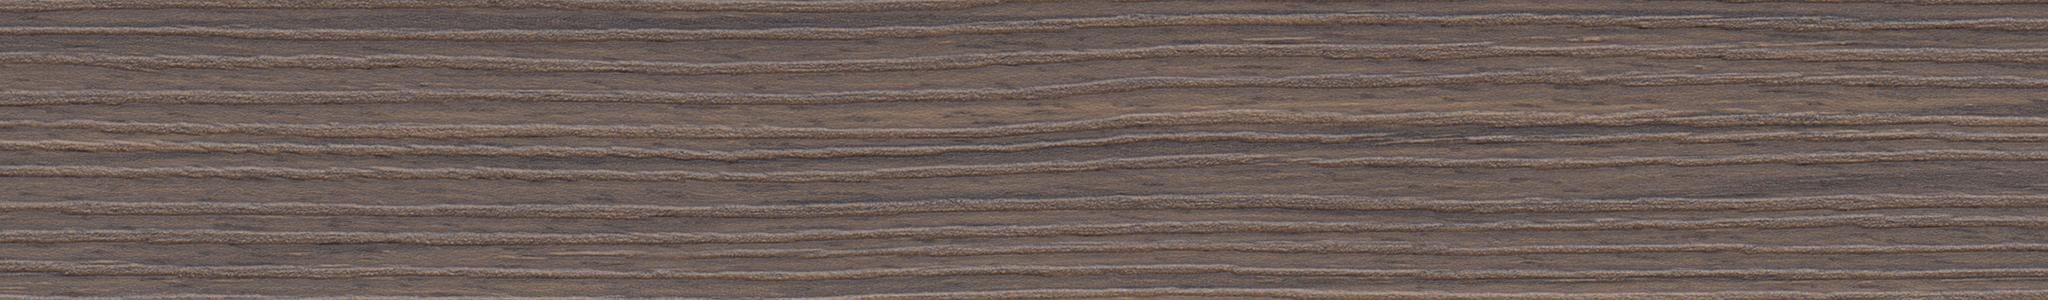 HD 284035 Кромка ABS Орех - Поры - Мягкая Матовая